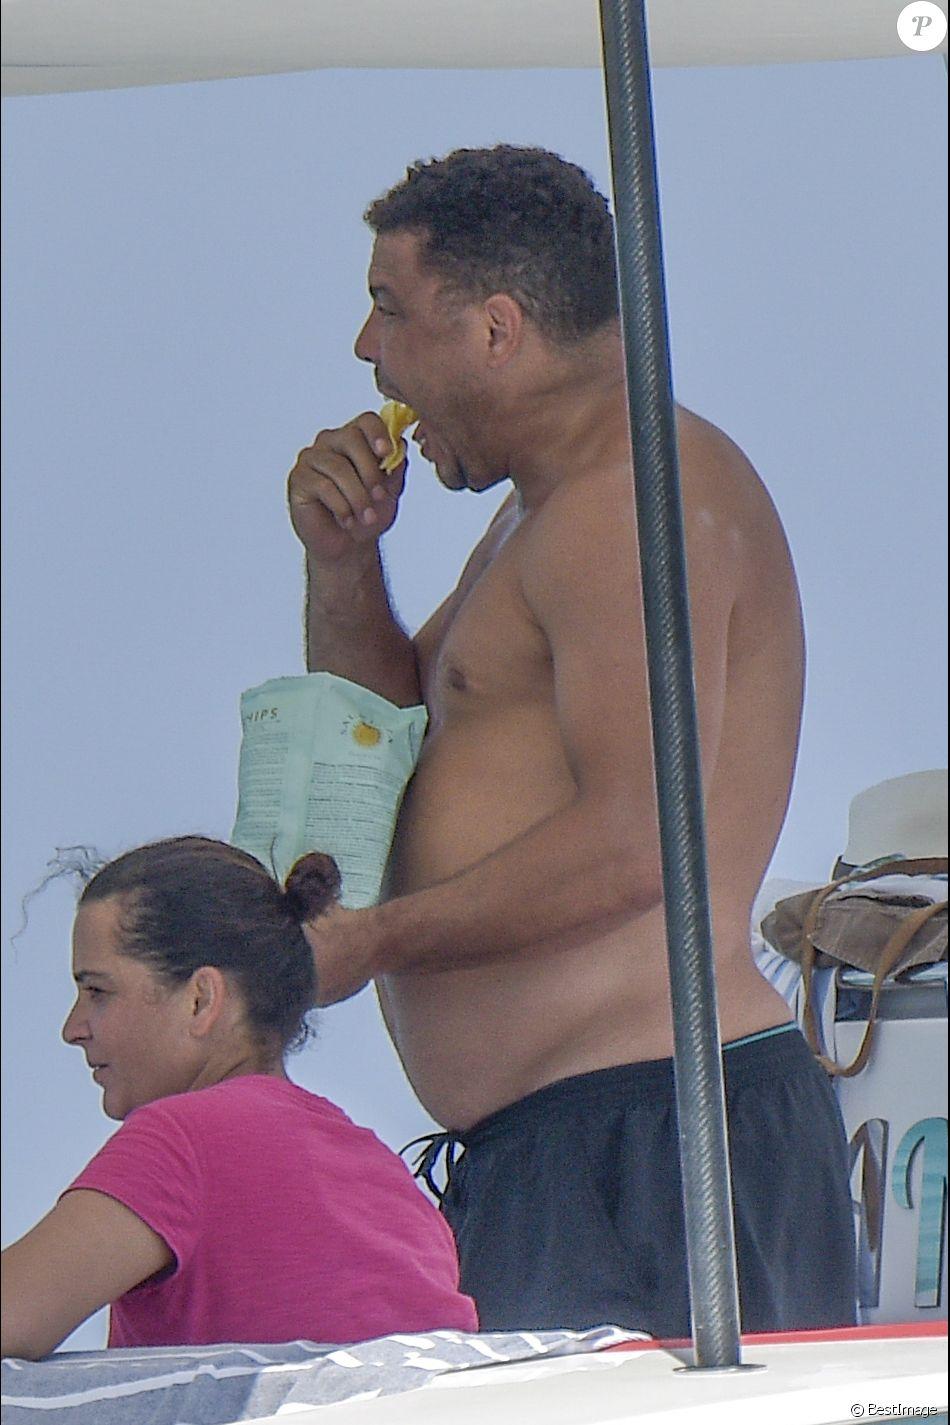 Exclusif - L'ancien footballeur brésilien Ronaldo Luis Nazario de Lima, paquet de chips à la main, sur un yacht à Ibiza, Espagne, le 5 août 2017.